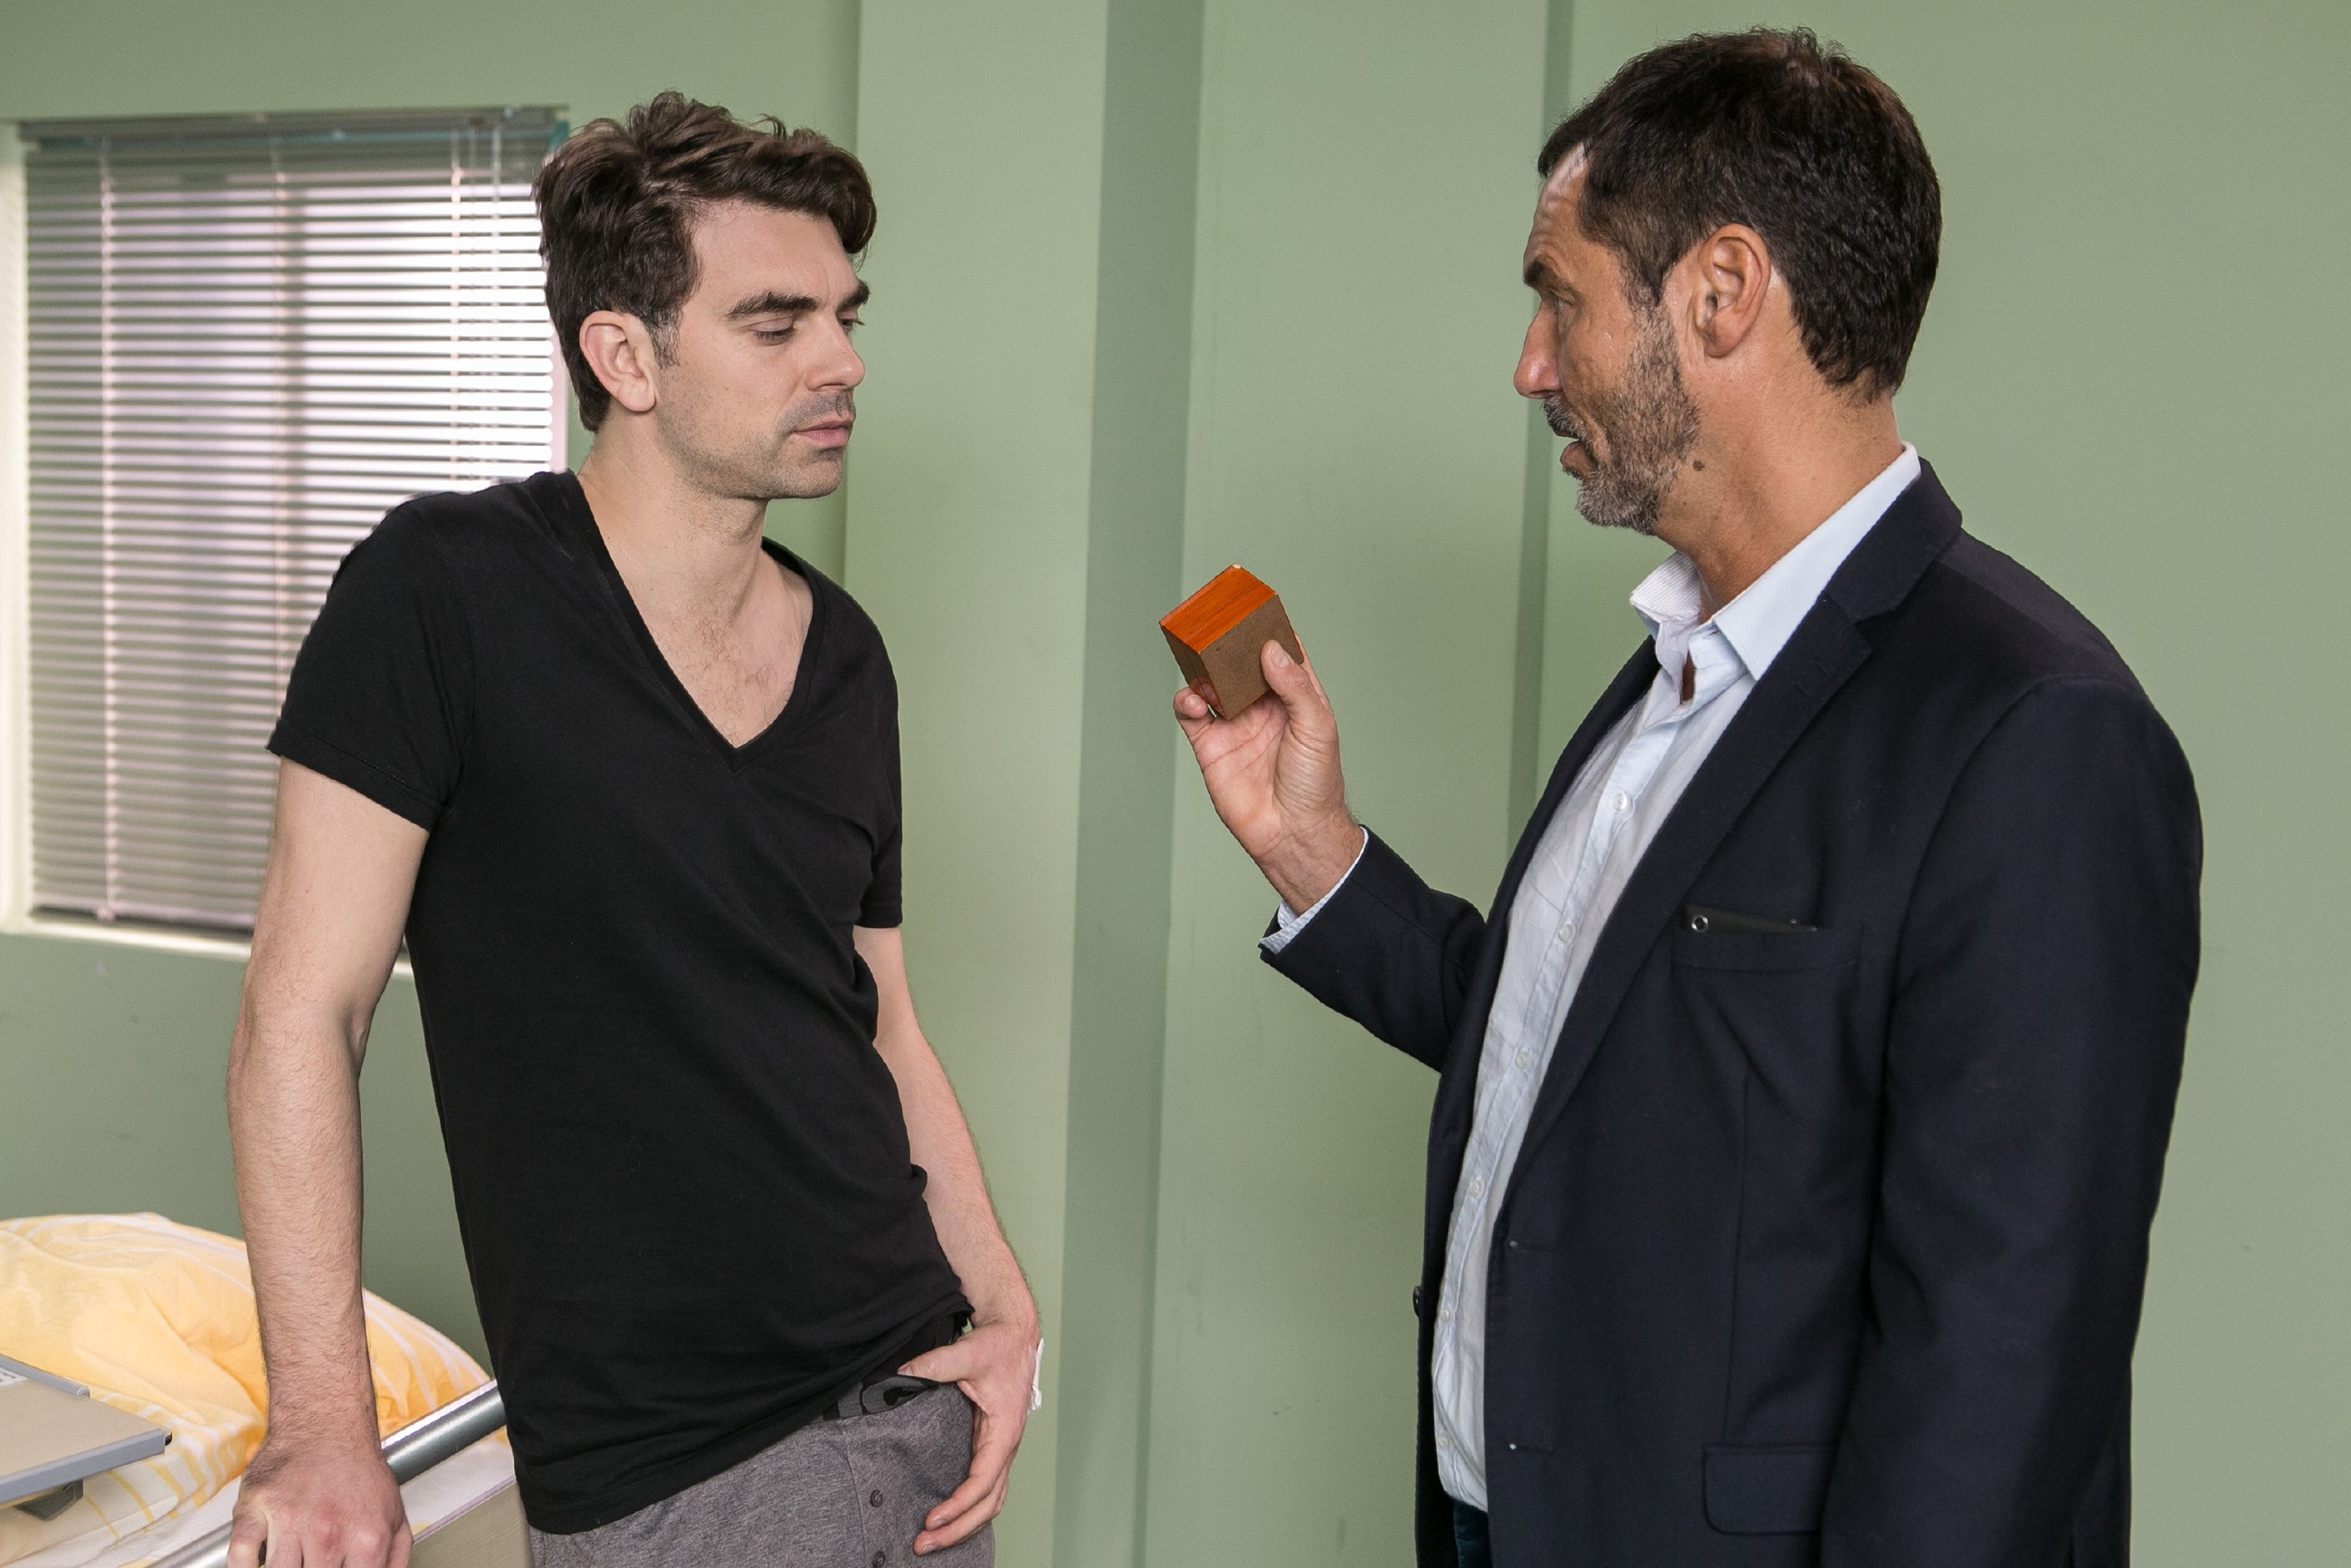 Veit (Carsten Clemens, l.) erkennt alarmiert, dass Richard (Silvan-Pierre Leirich) ihn in der Hand hat und sein Hass auf Richard kocht erneut hoch... (Quelle: RTL / Kai Schulz)